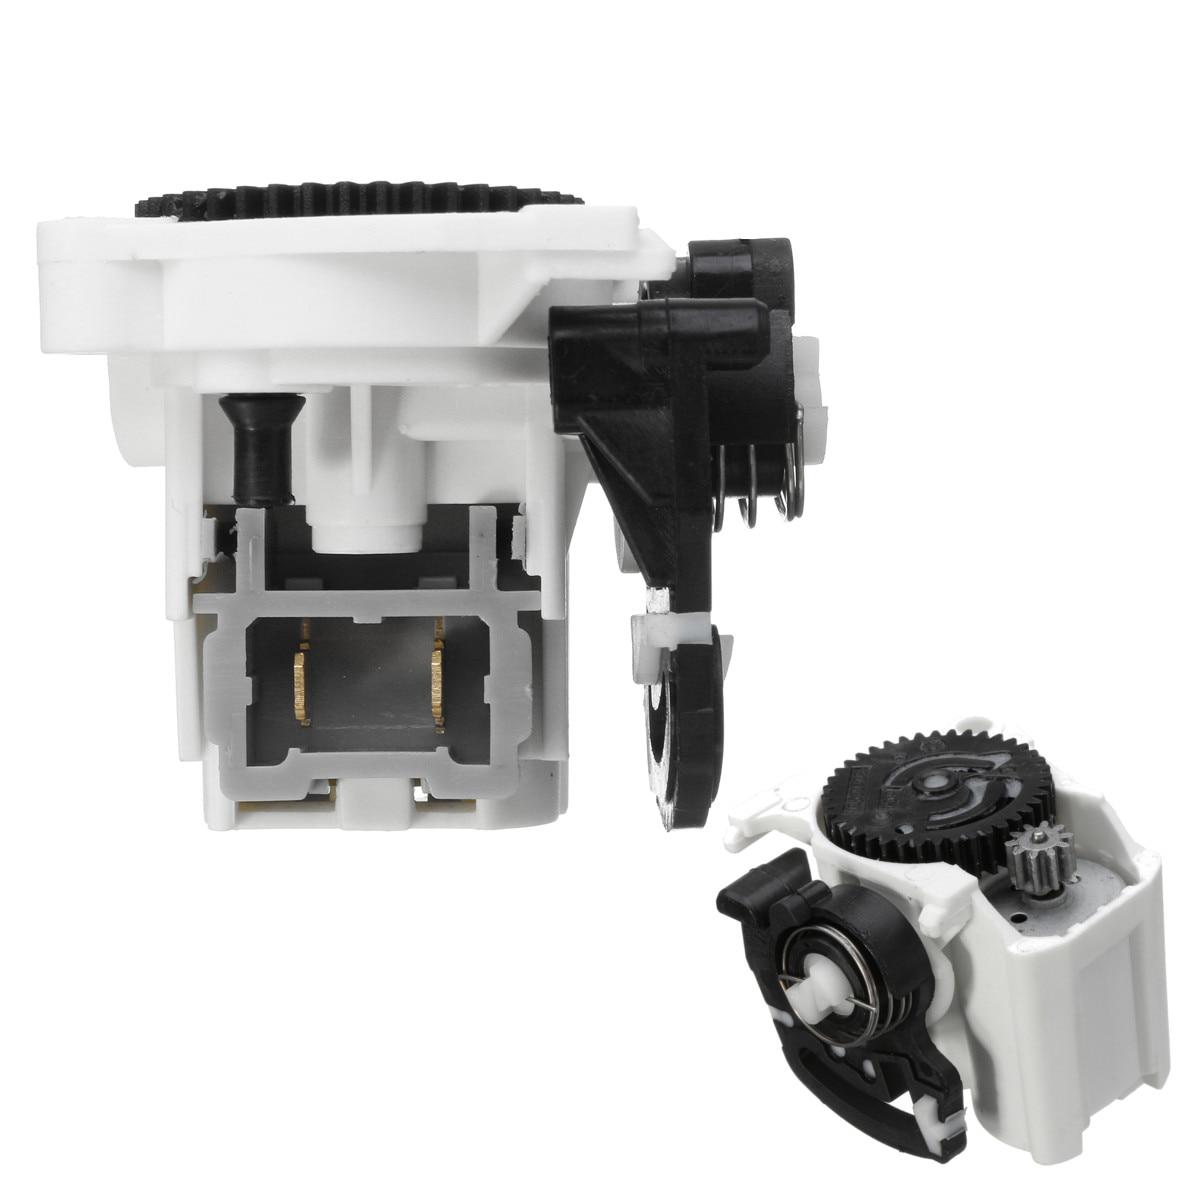 Maletero cerradura central motor para Renault Clio 2 Megane Twingo panorámica 8200102583 de 7700435694 de 7701473742 N0501380